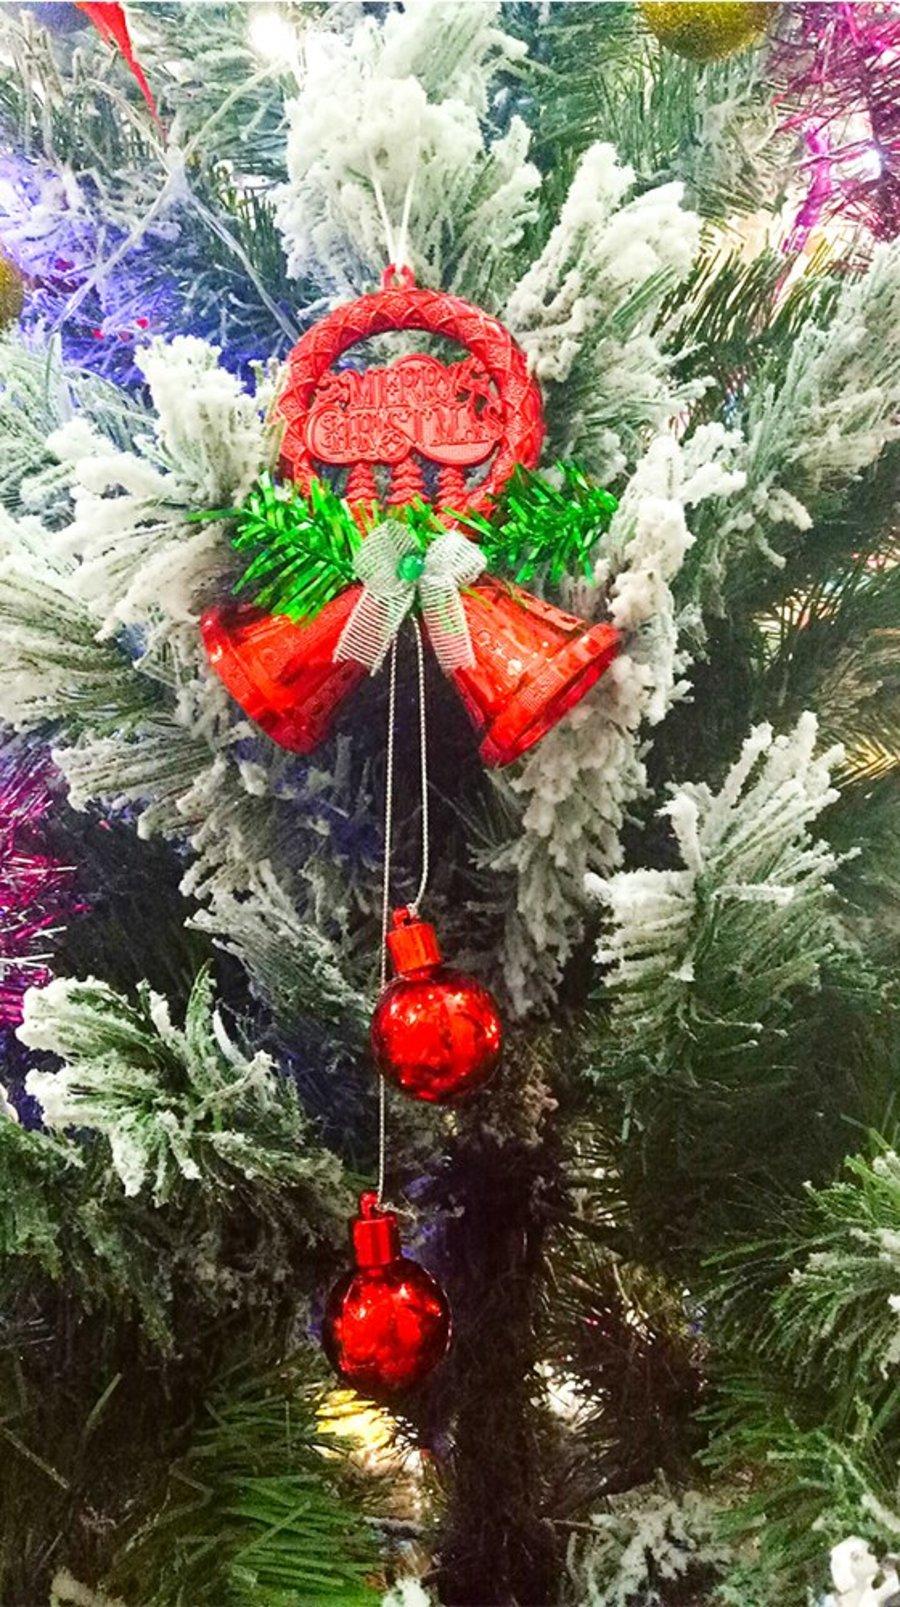 Đồ trang trí noel vòng merry chuông treo